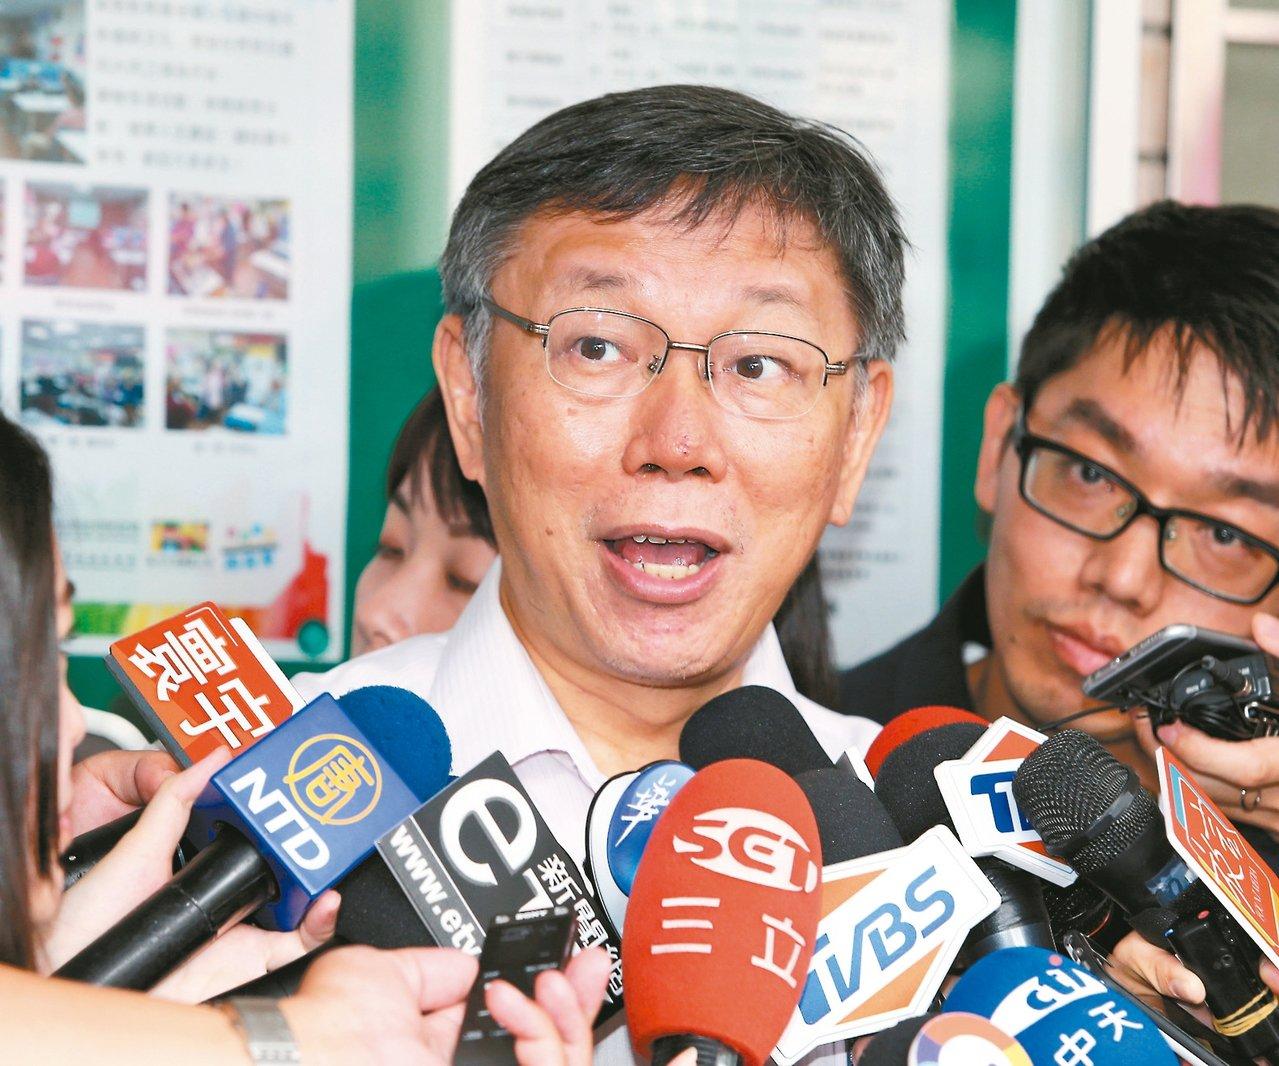 對民進黨秘書長羅文嘉質疑「柯P的自動販賣機弊案」,台北市長柯文哲昨回嗆「弊案、狗...